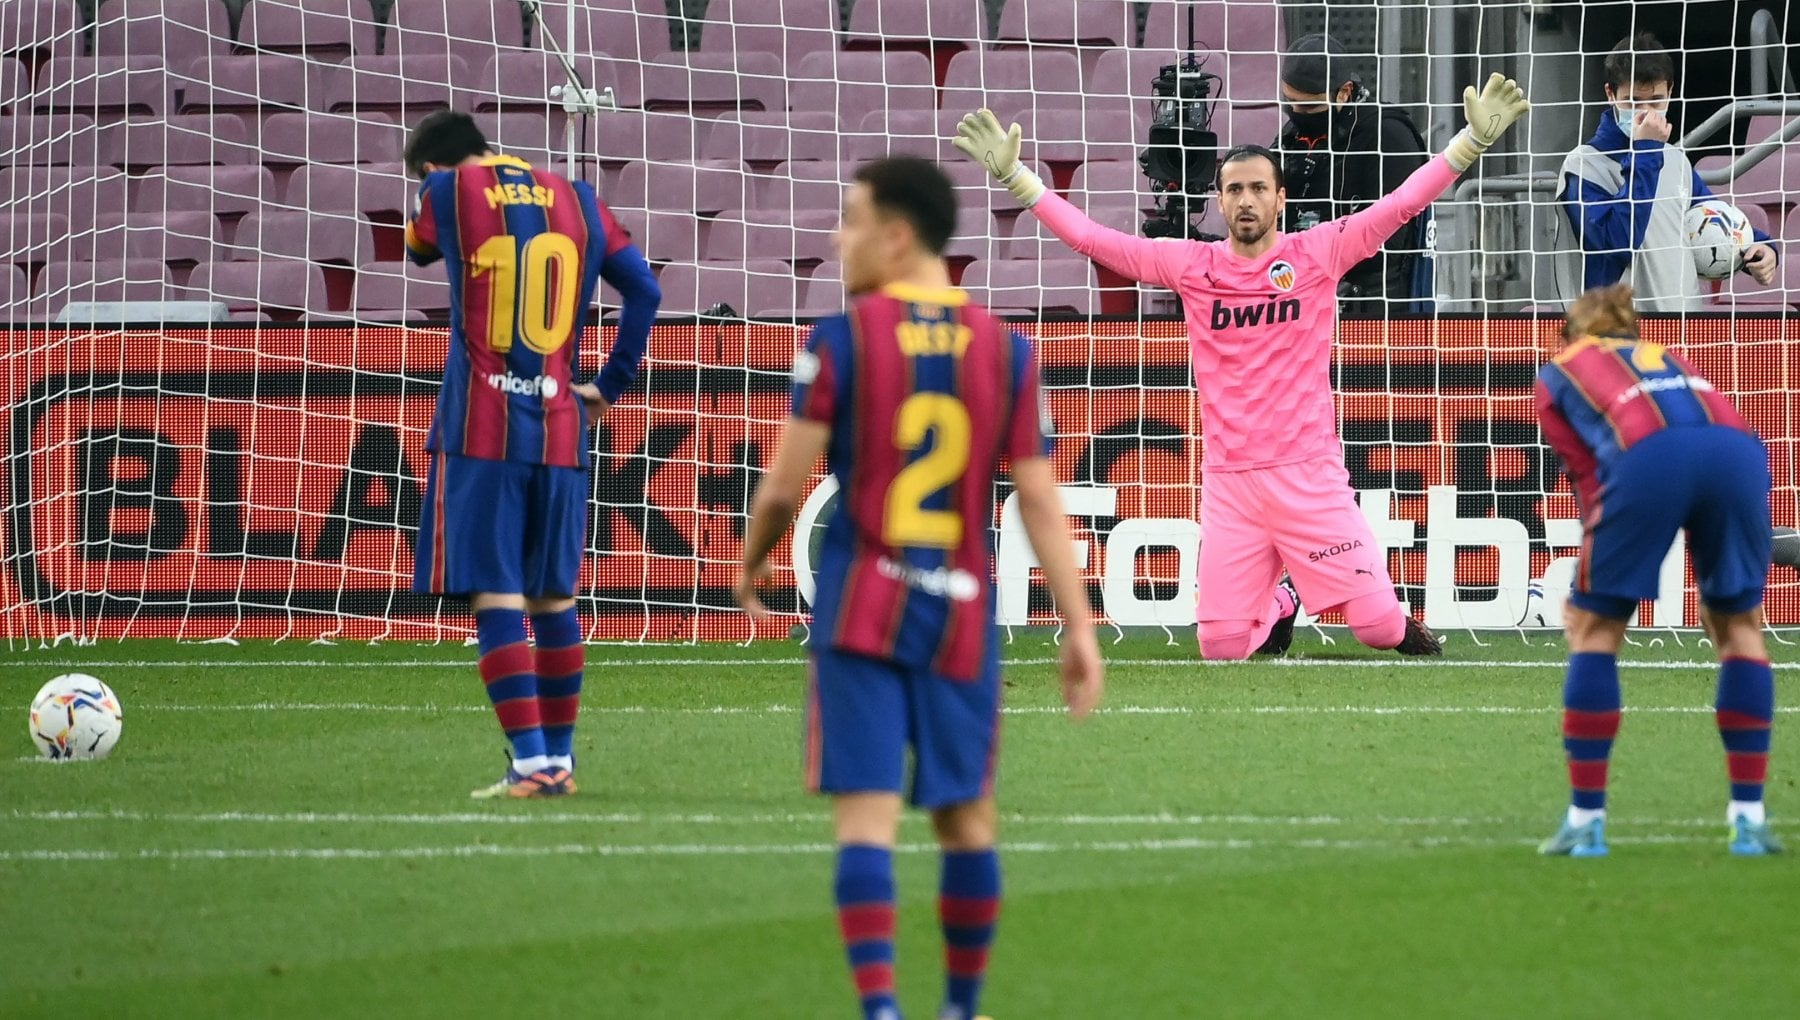 Barcellona Messi eguaglia il record di Pele 643 con la stessa maglia